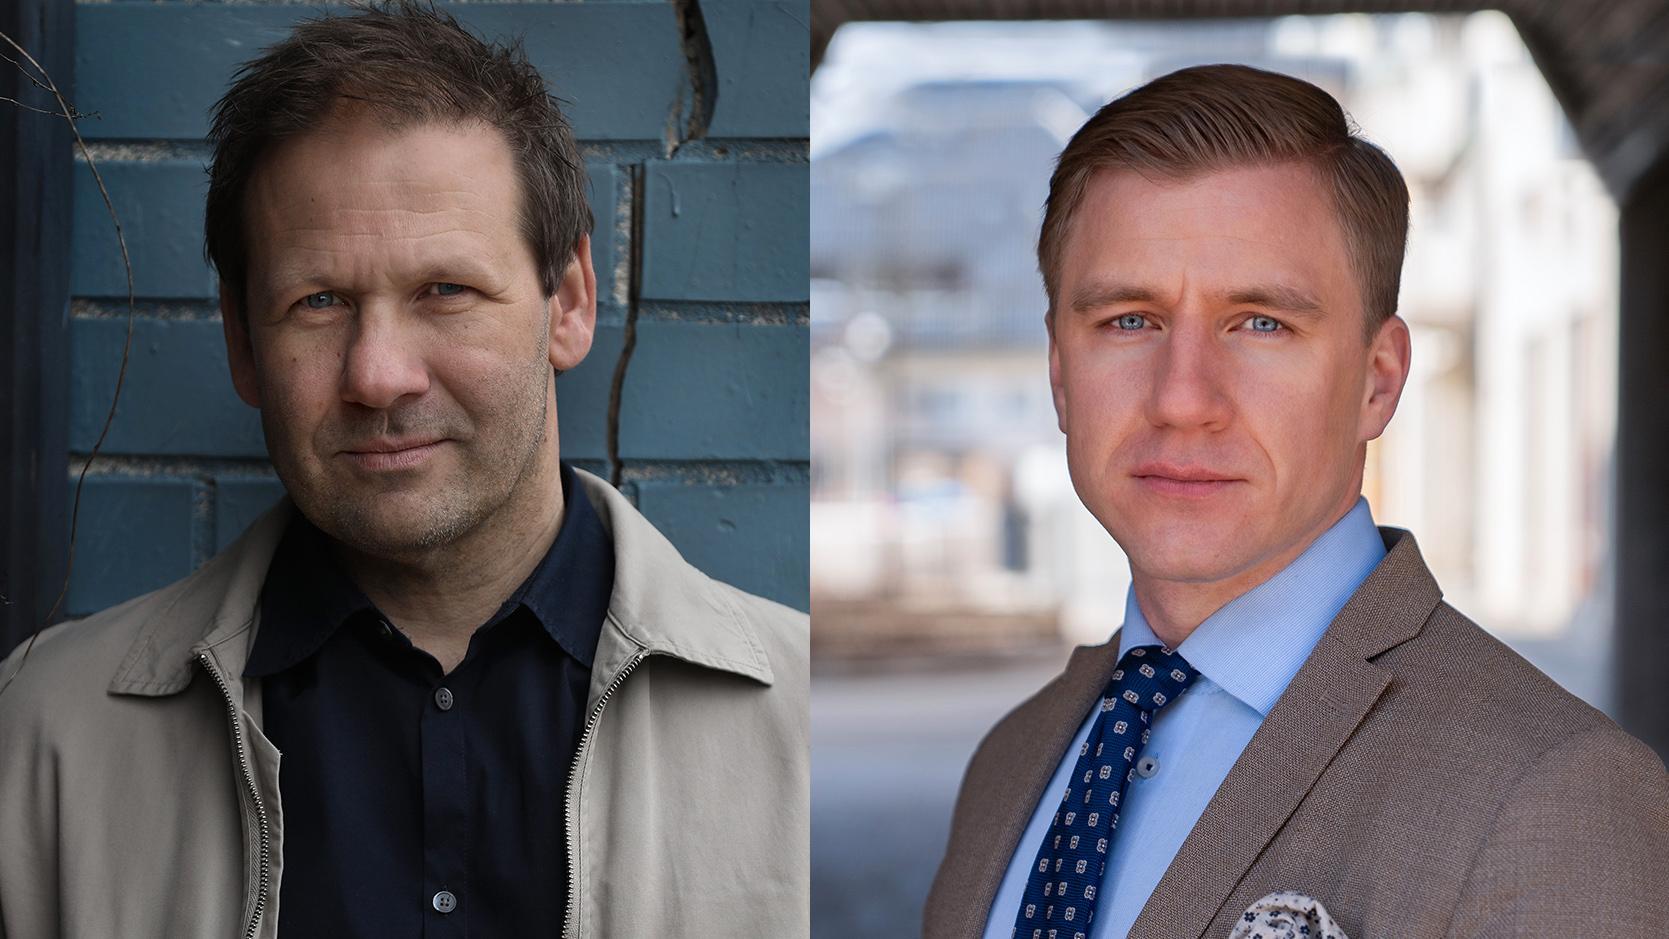 """Lasse Wierup utkommer med """"Gangsterparadiset"""" och Fredrik Kärrholm med """"Gangstervåld""""."""